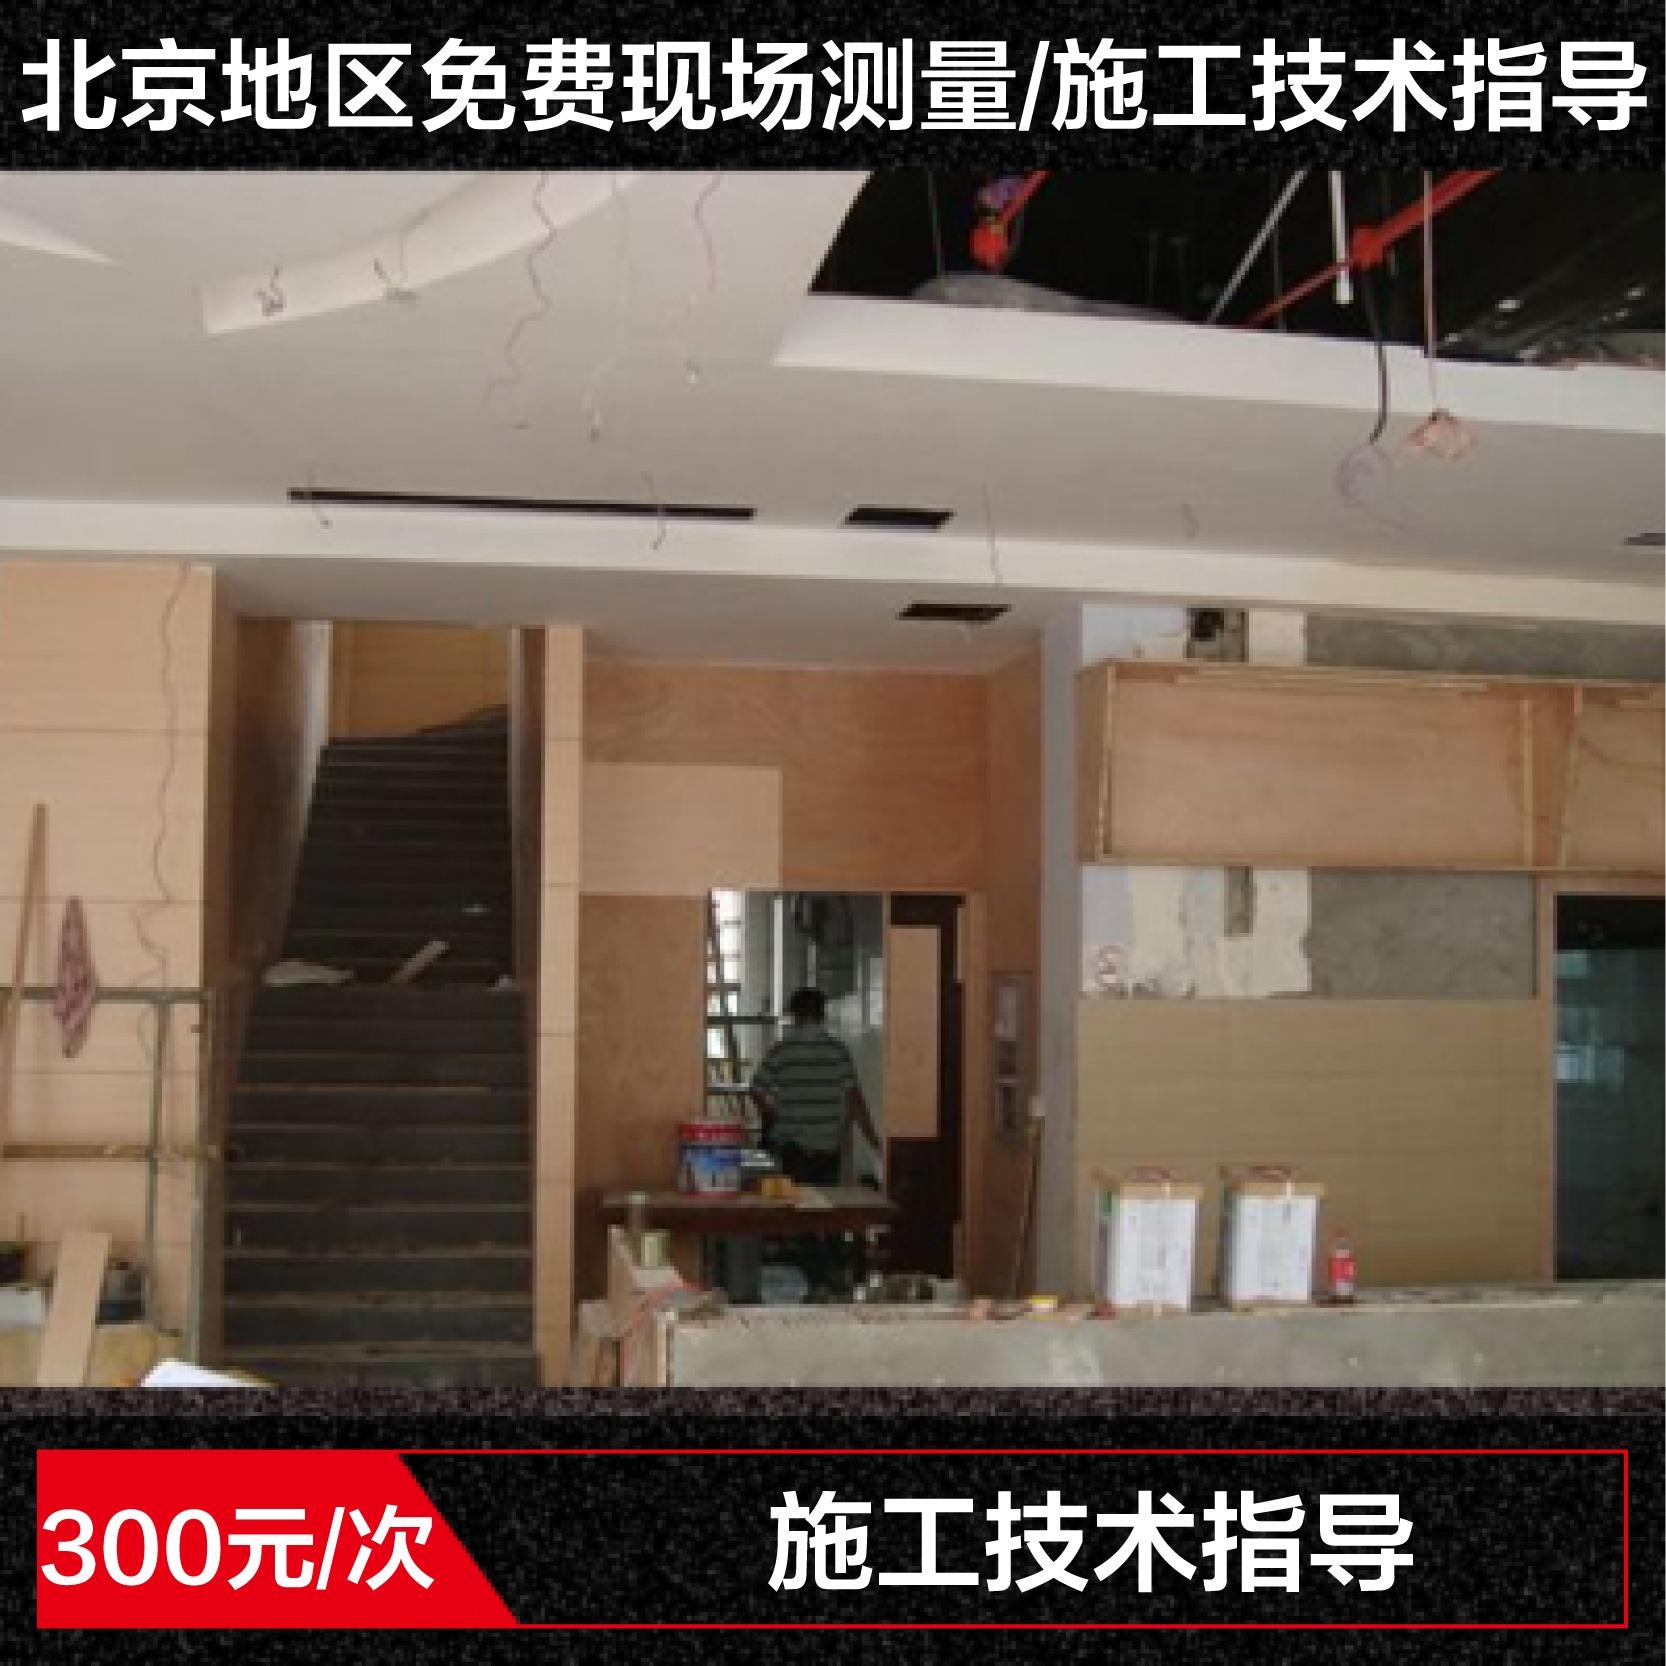 现场施工技术指导 北京地区提供免费现场指导